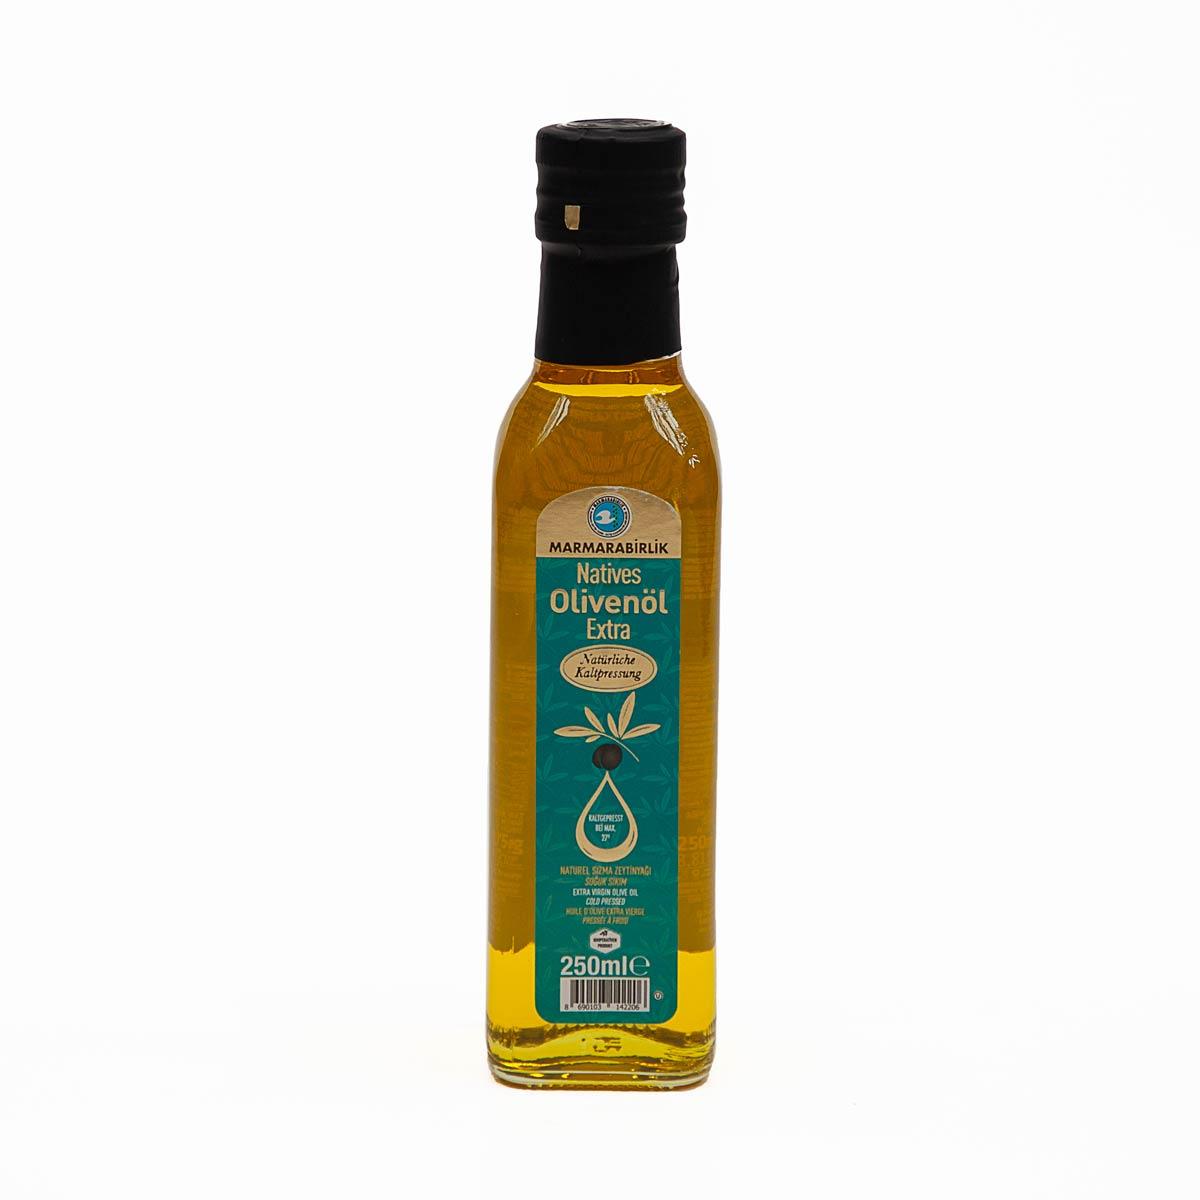 MARMARABIRLIK ~ Natives Olivenöl extra 0,25-Liter